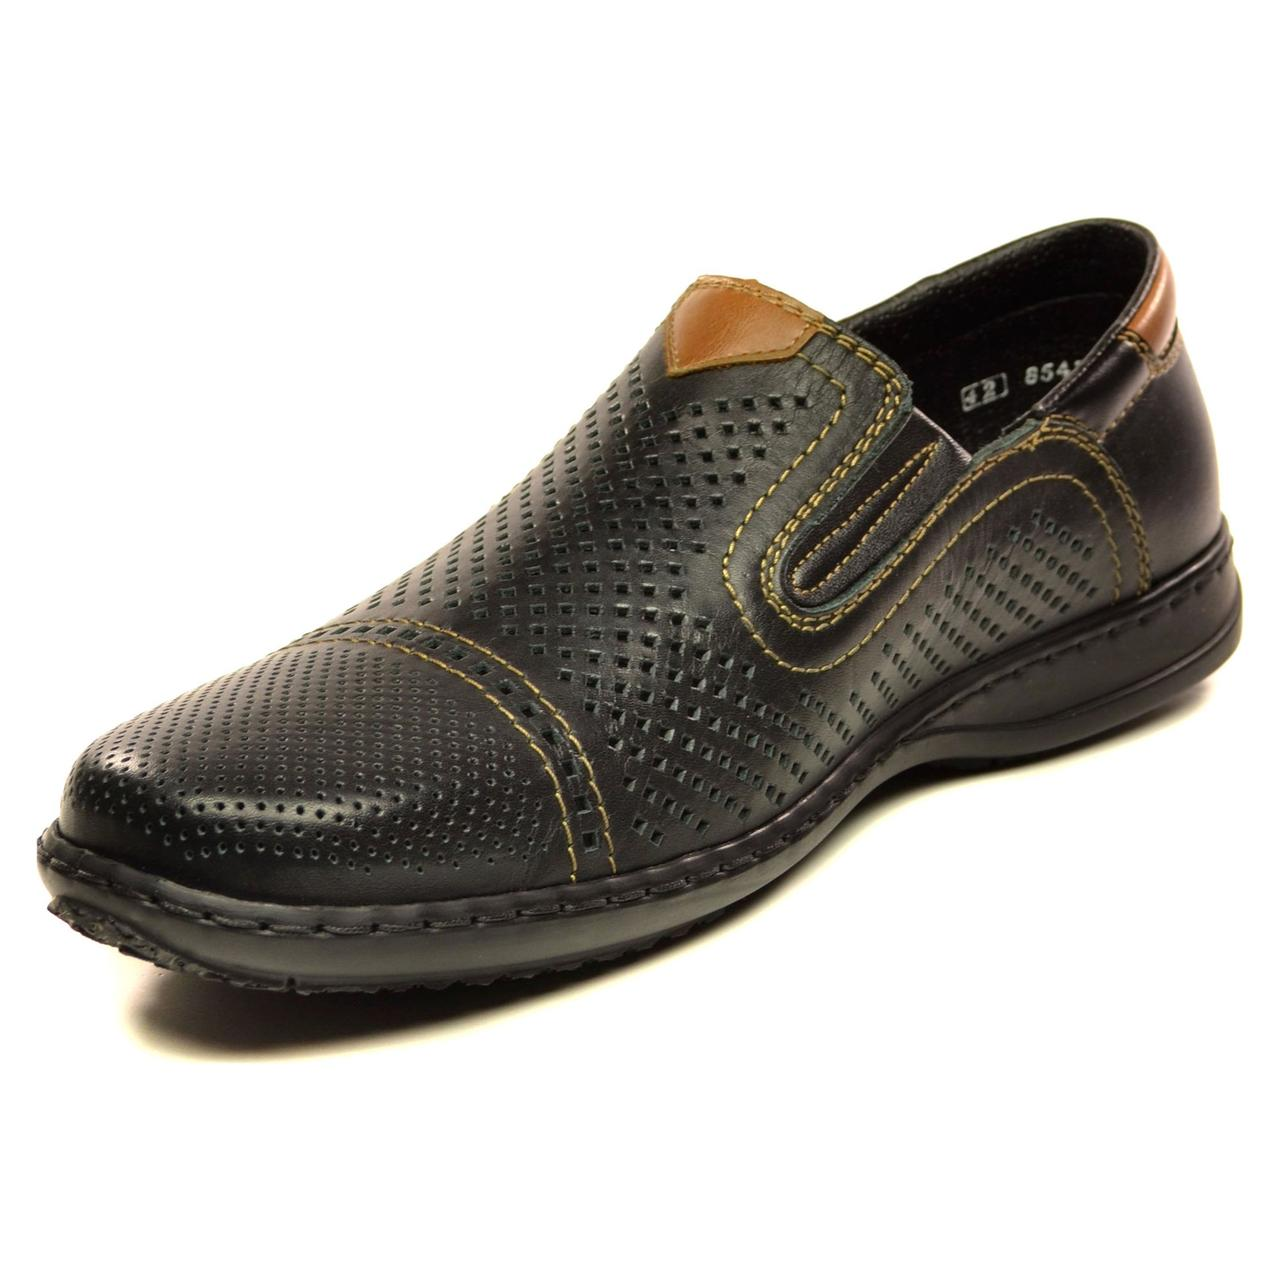 6174946ca Повседневные туфли Rieker 01357-00, код: 8723, размеры: 40, 42, 43, 44, 45,  цена 1 870 грн., купить в Северодонецке — Prom.ua (ID#920346408)